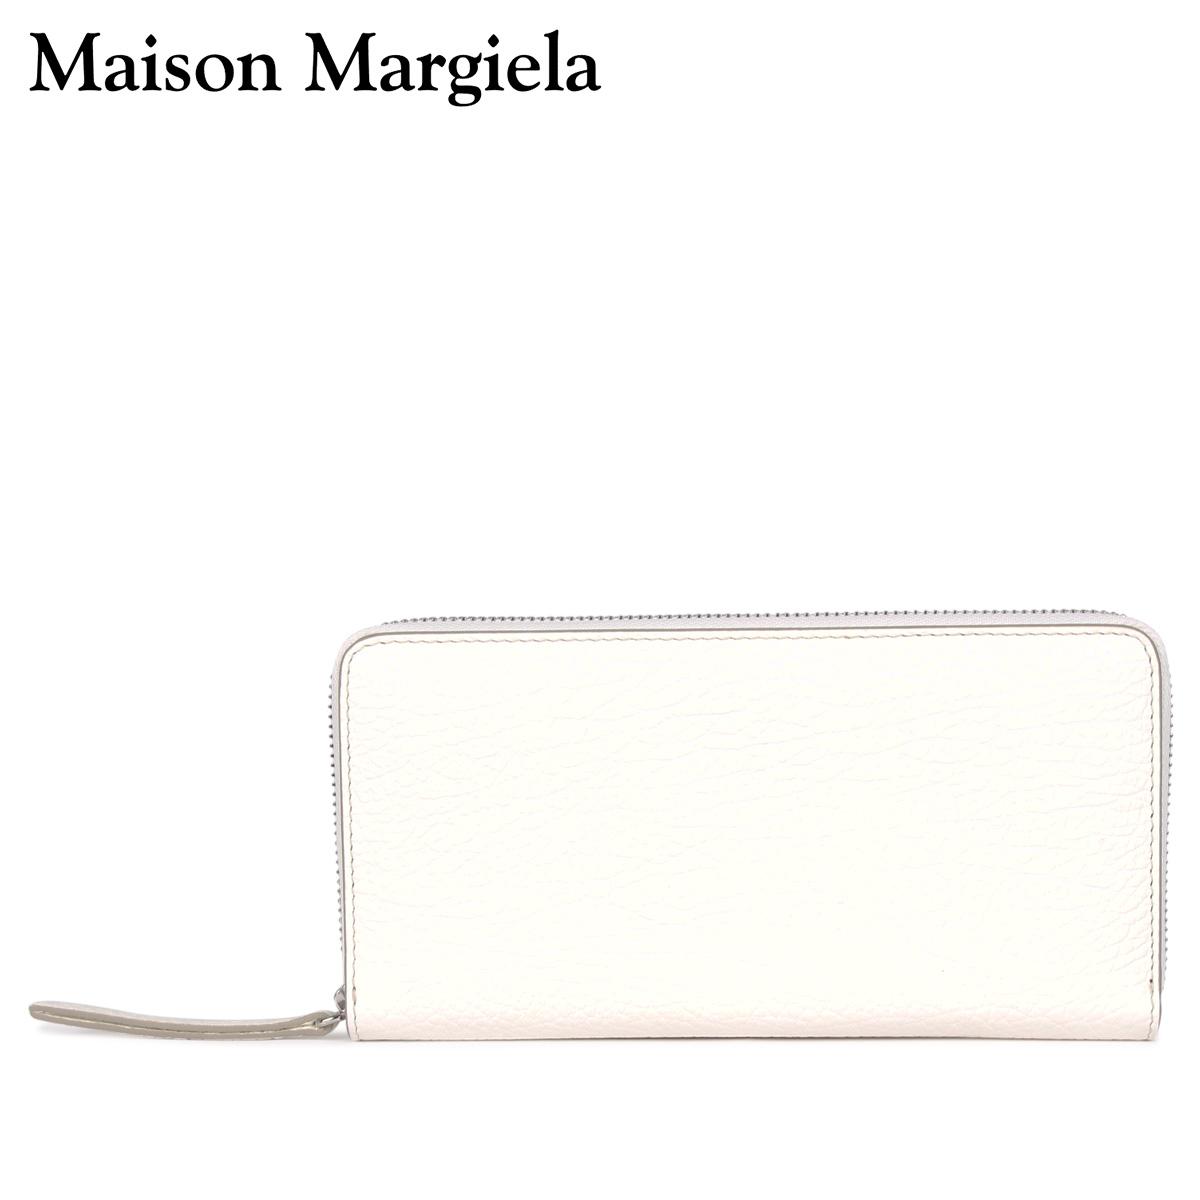 MAISON MARGIELA メゾンマルジェラ 財布 長財布 メンズ レディース ラウンドファスナー LONG WALLET ホワイト 白 S56UI0110 [4/13 新入荷]